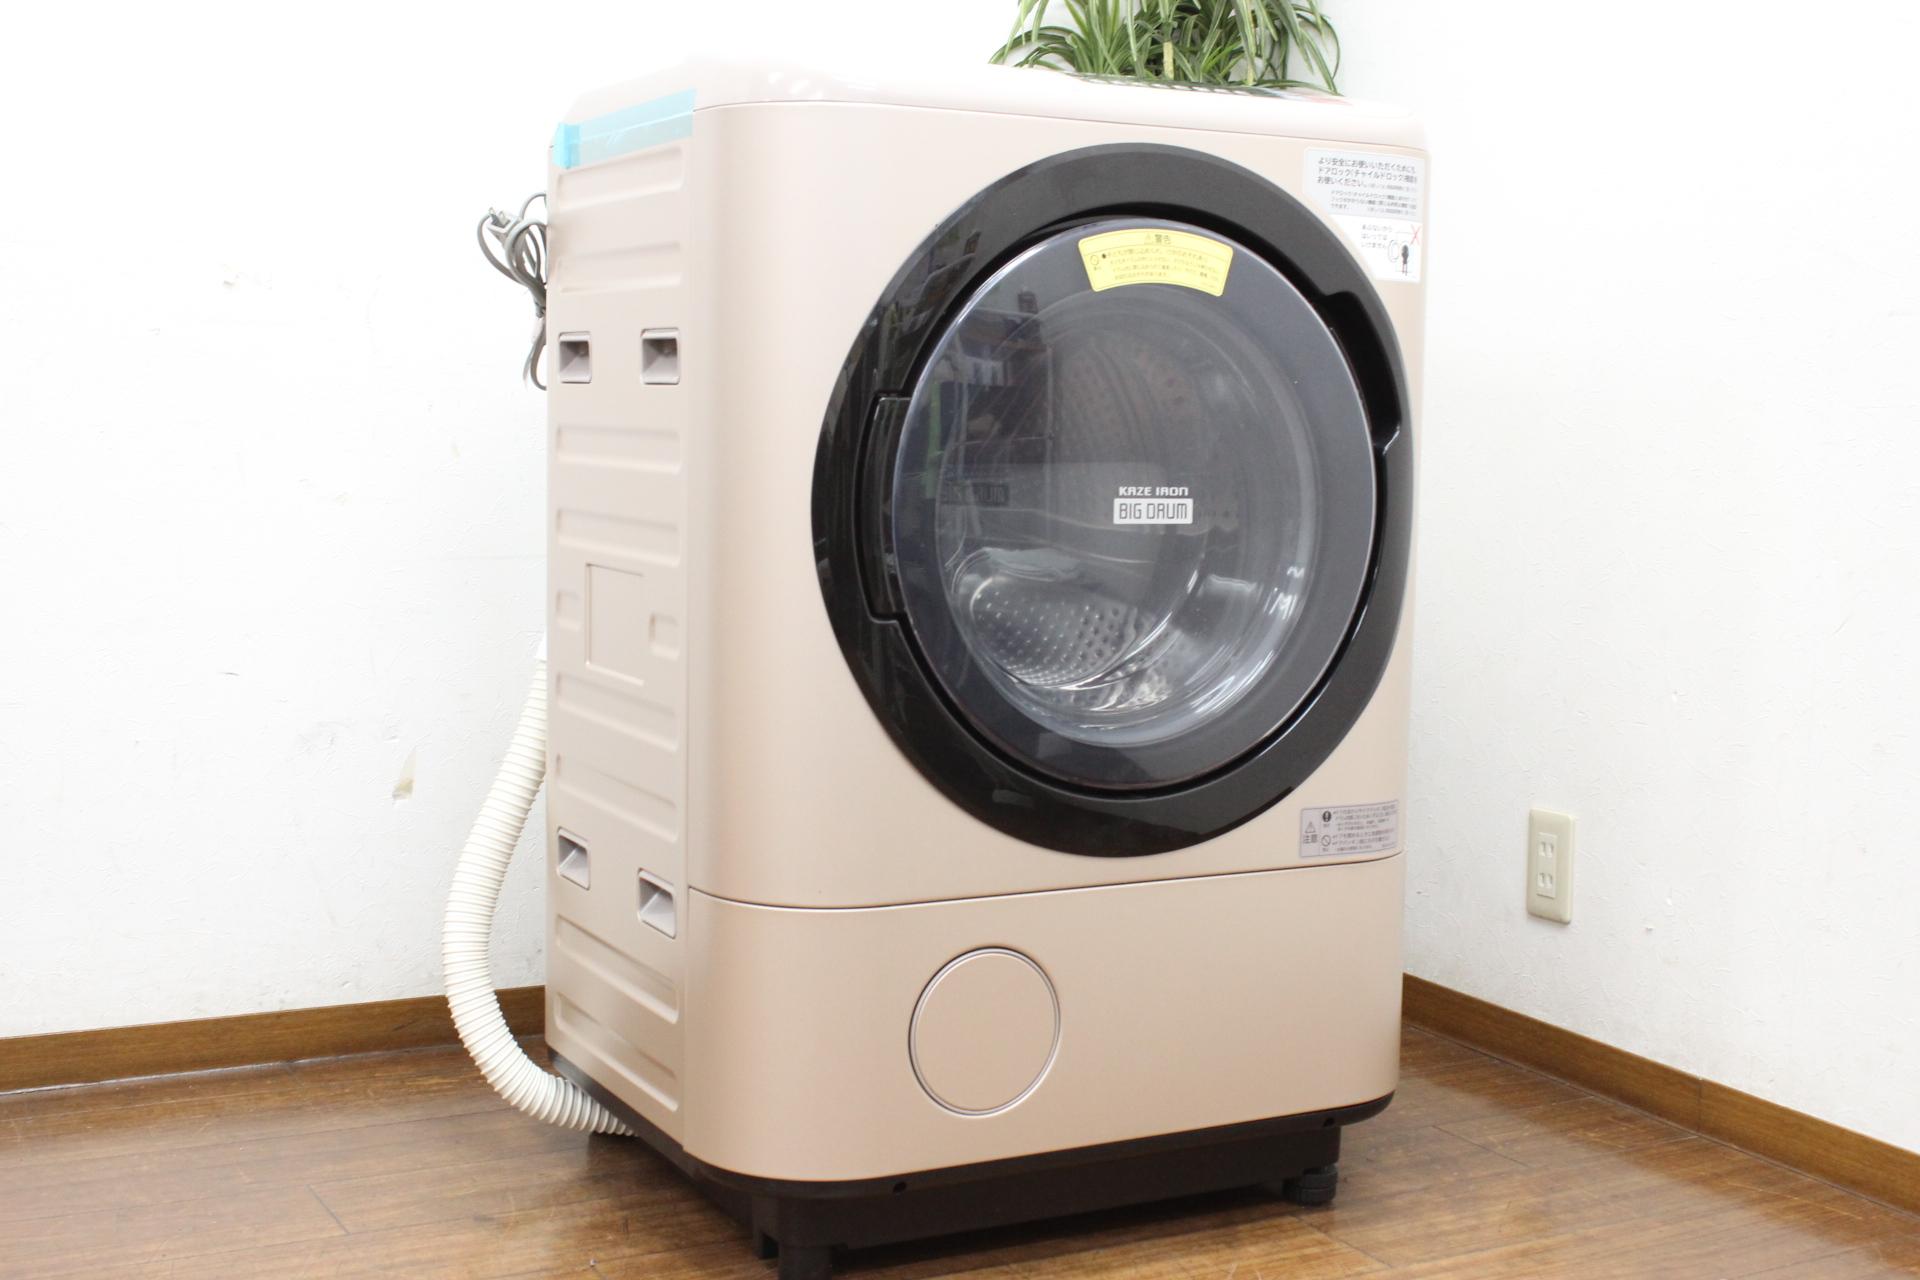 (福岡市東区)日立 ヒートリサイクル ドラム式洗濯乾燥機 BD-NX120AL 2016年製の買取-55000